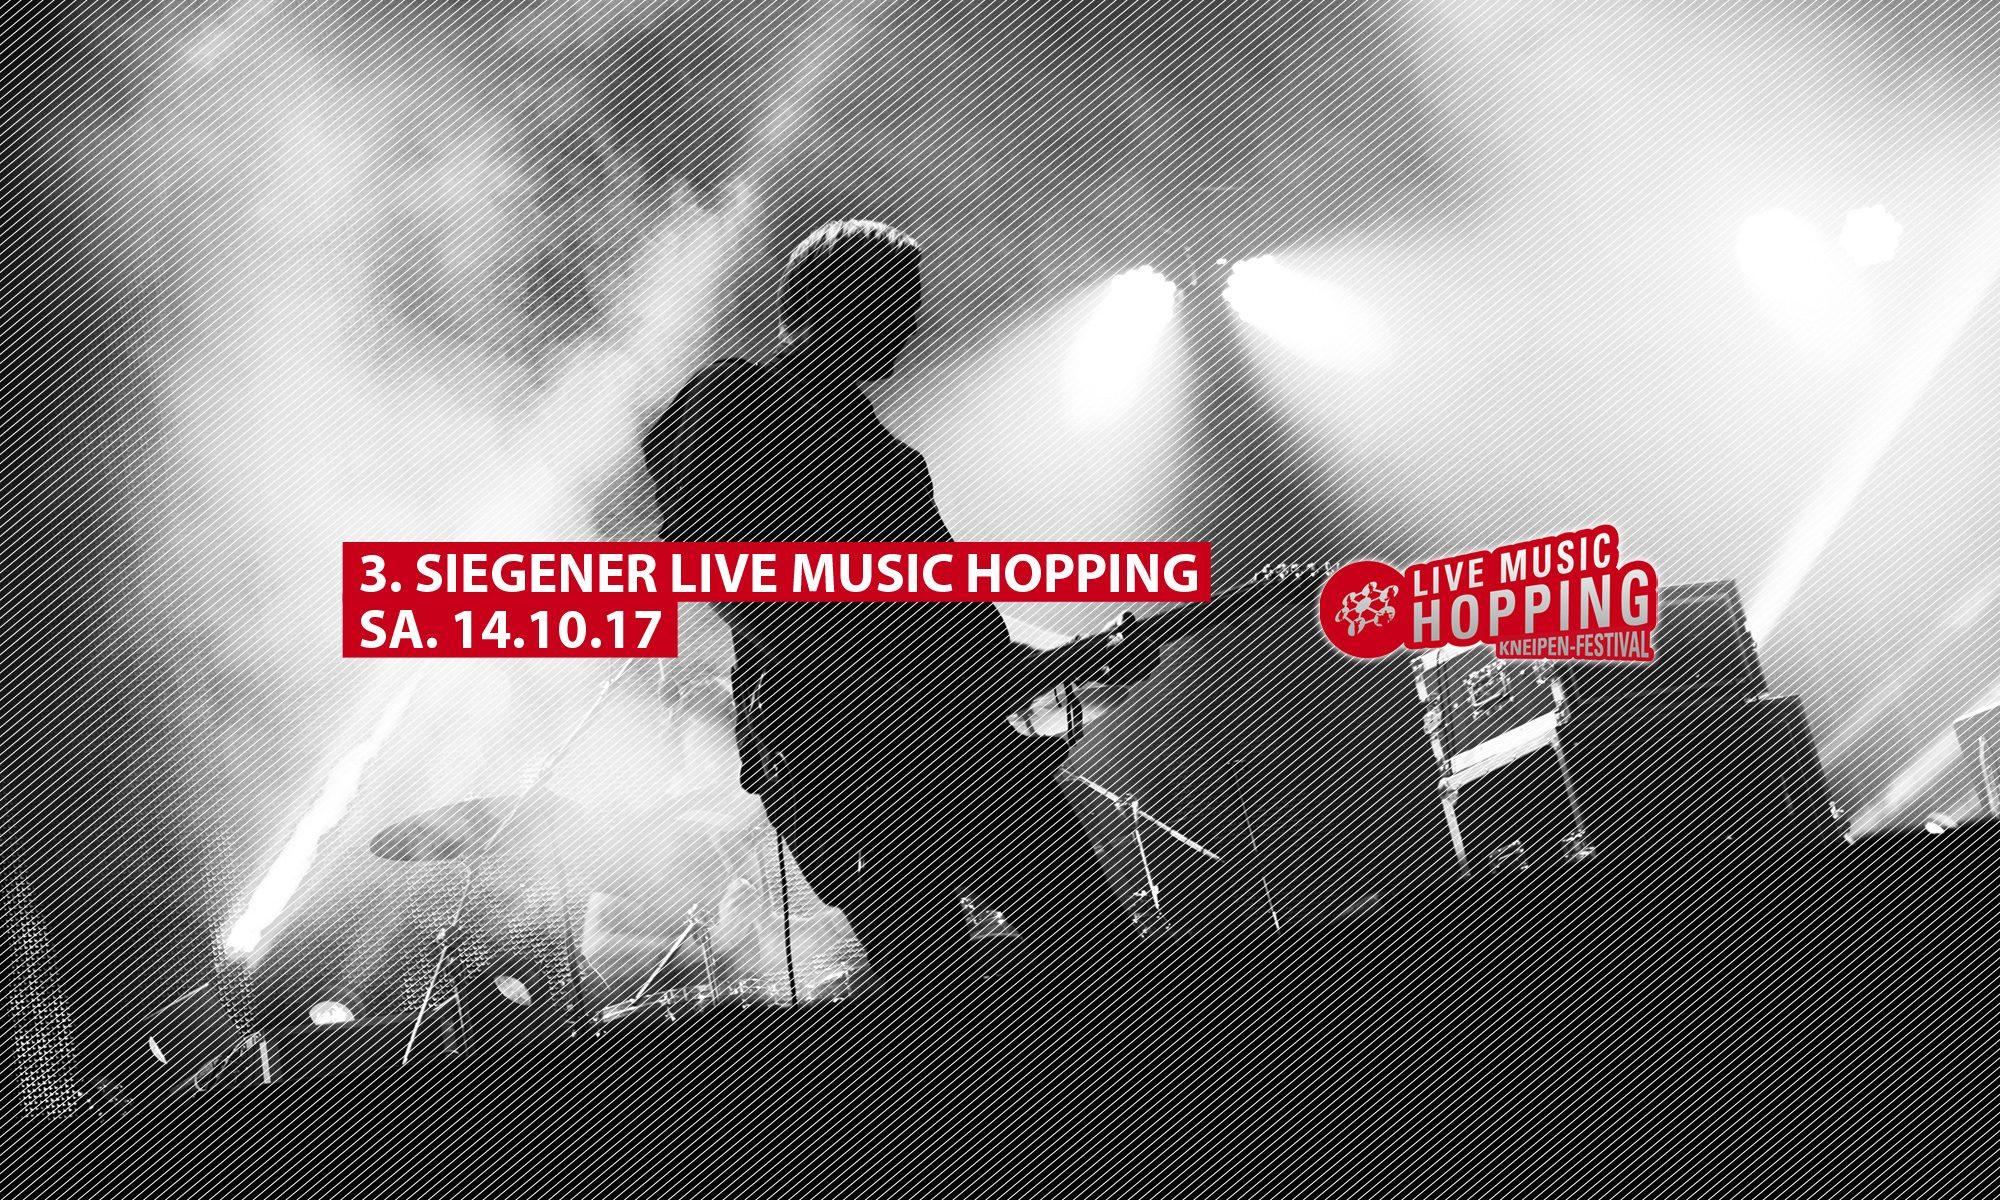 3. Siegener Live Music Hopping